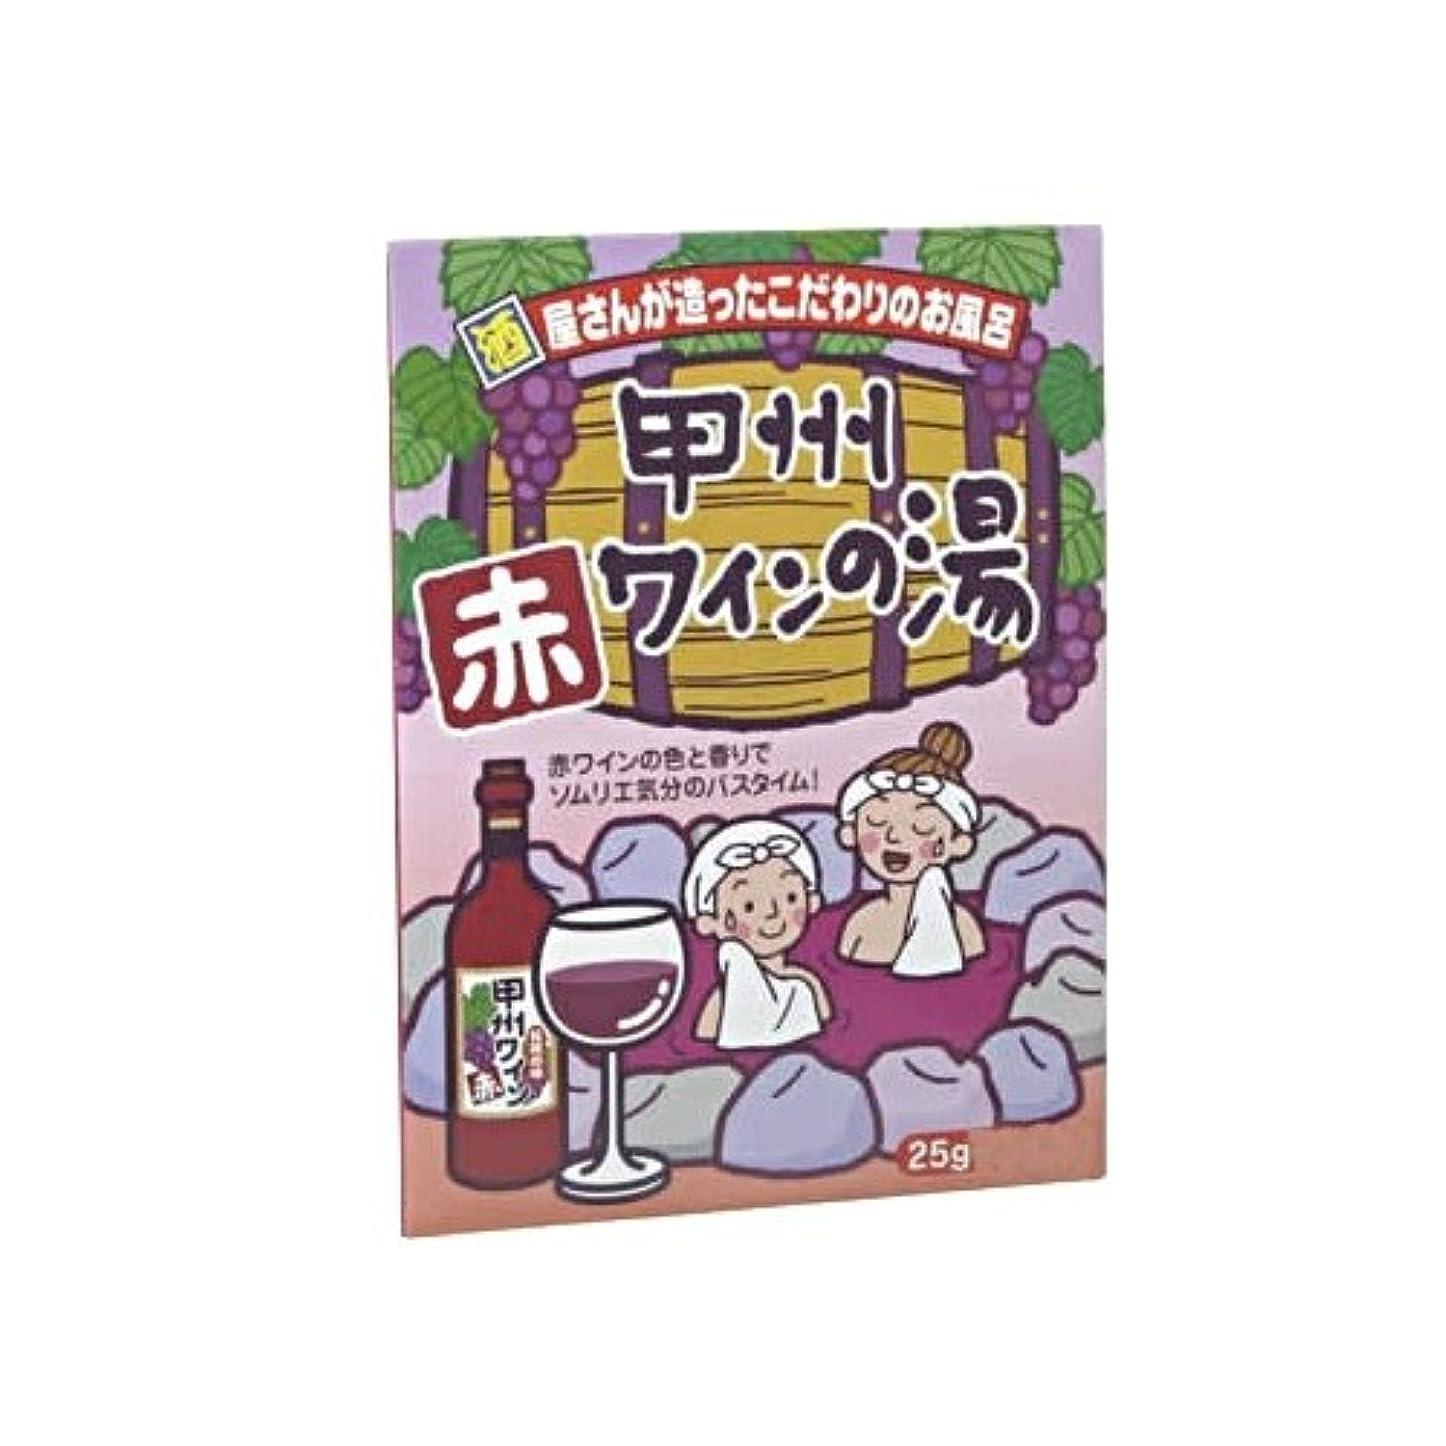 法王センサー衣類甲州赤ワインの湯 25G